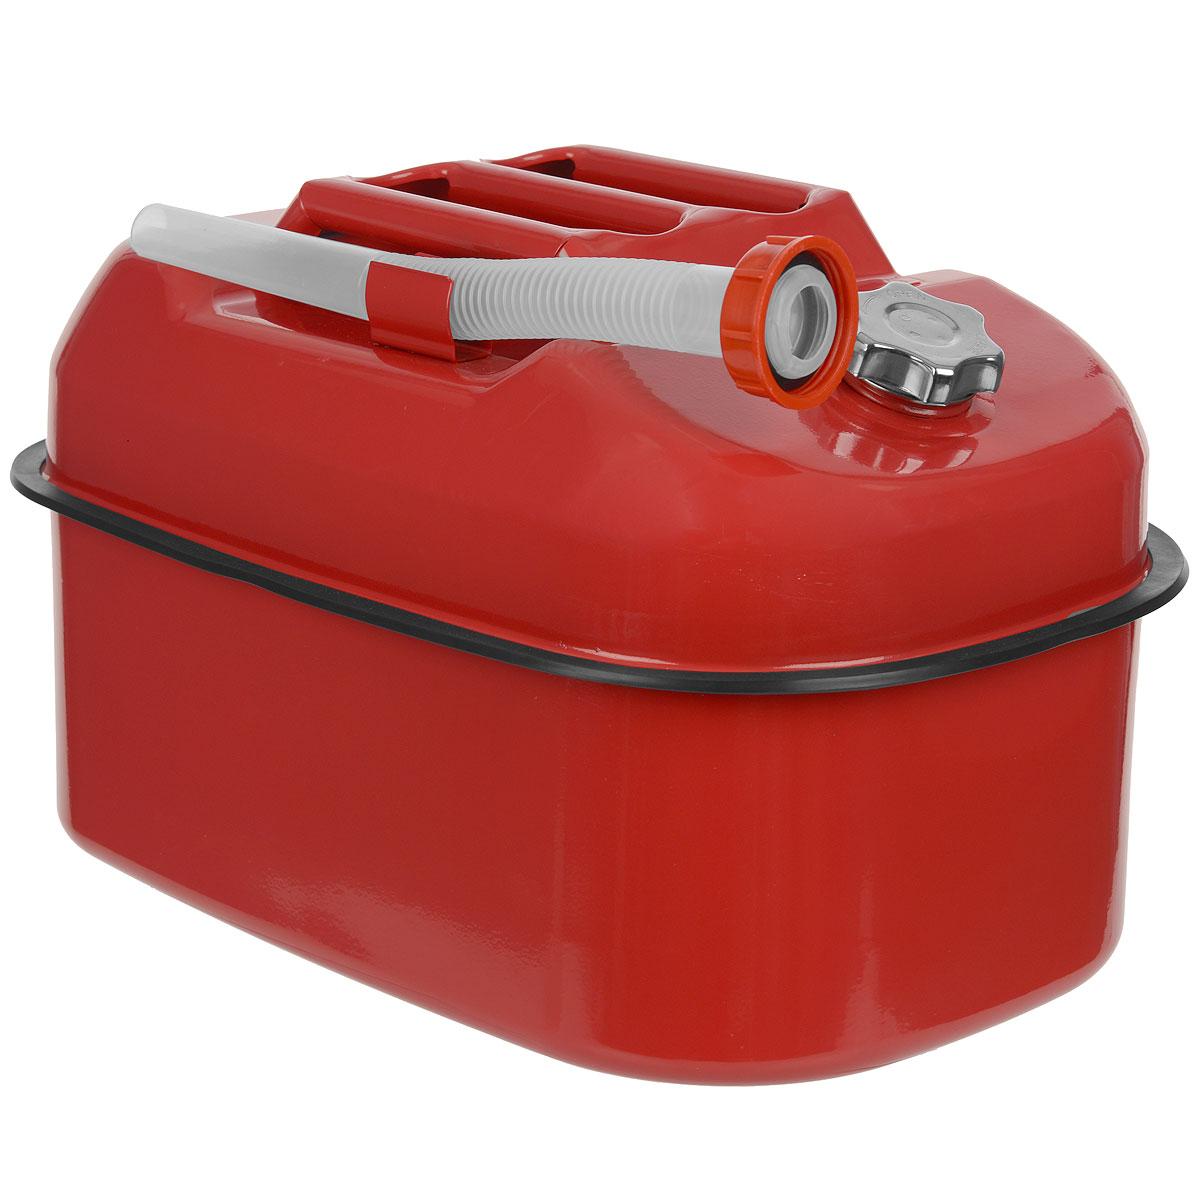 Канистра стальная Autoprofi, горизонтальная, 20 лKAN-500 (20L)Горизонтальная 20-литровая канистра Autoprofi особенно удобна для перевозки топлива в багажнике автомобиля, на квадроцикле, снегоходе или в катере. Горизонтальное распределение центра тяжести снижает риск опрокидывания емкости при транспортировке. Резиновый бортик канистры и отсутствие острых углов защищают от повреждений поверхность изделия и соседние предметы во время движения. Канистра изготовлена из оцинкованной стали, обладающей высокими антикоррозийными свойствами и устойчивостью к агрессивному воздействию залитого топлива. В верхнюю часть канистры встроен регулировочный клапан, который выравнивает давление воздуха внутри емкости с атмосферным, ускоряя процесс заливки и опорожнения. Также с канистрой поставляется длинная гофрированная трубка-лейка. С ее помощью удобно заливать топливо в горловину бака любой конфигурации.